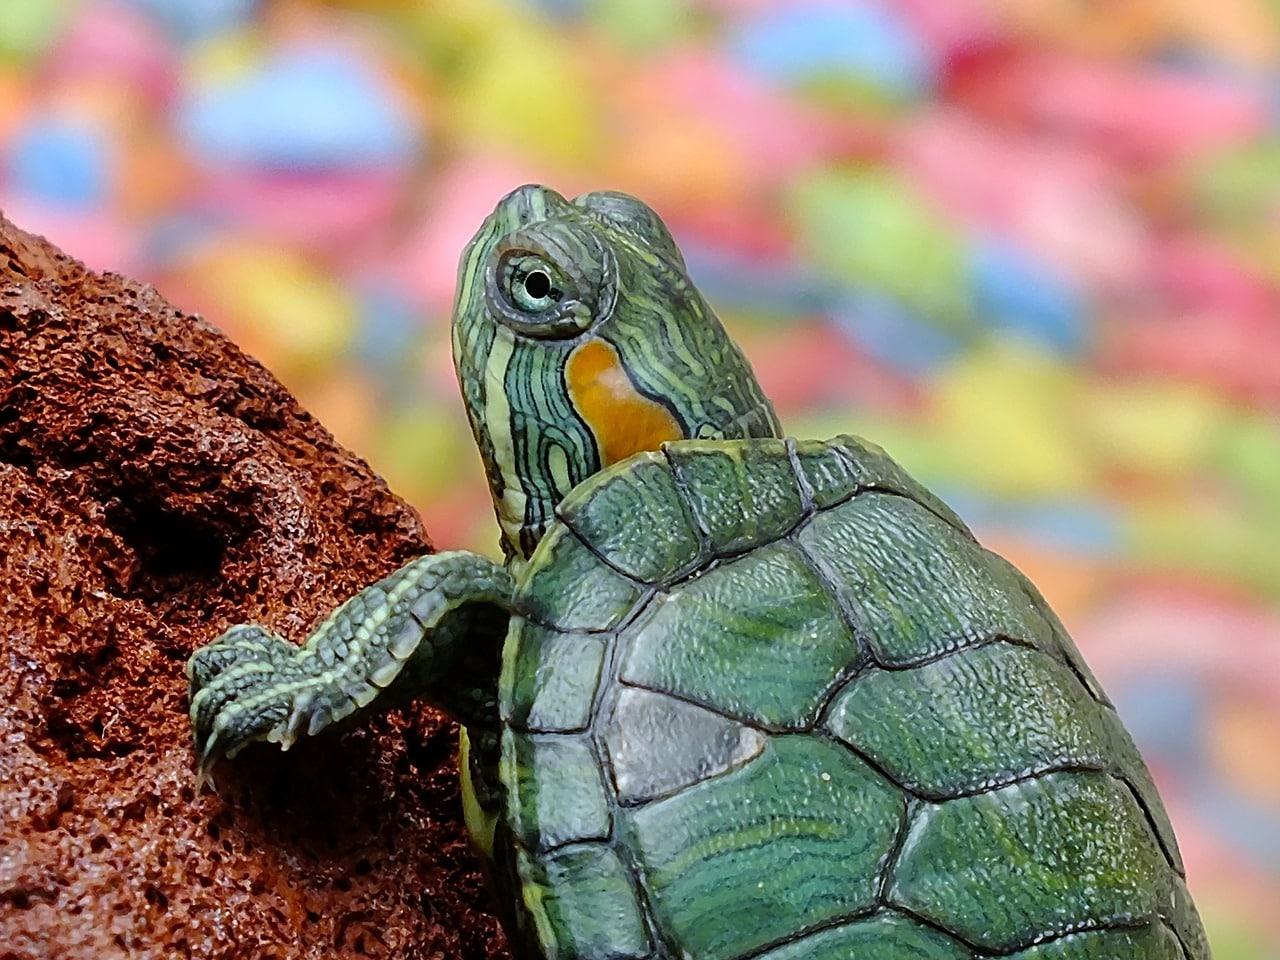 Las tortugas tienen dientes